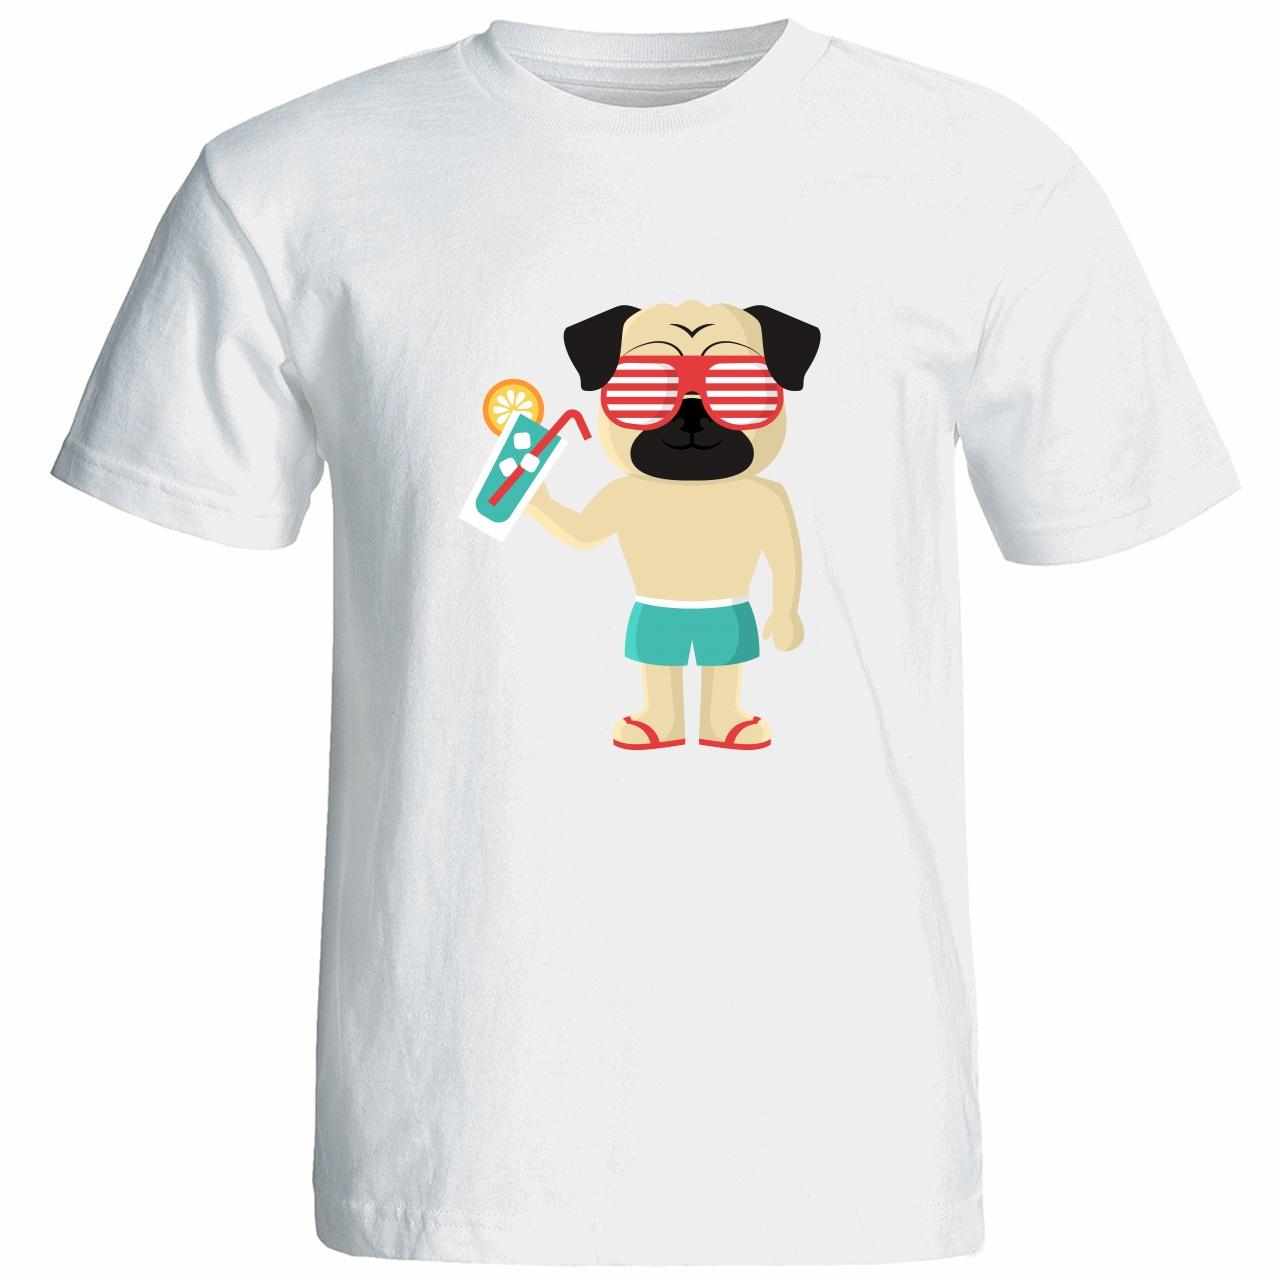 تیشرت آستین کوتاه مردانه شین دیزاین طرح سگ کد 4689